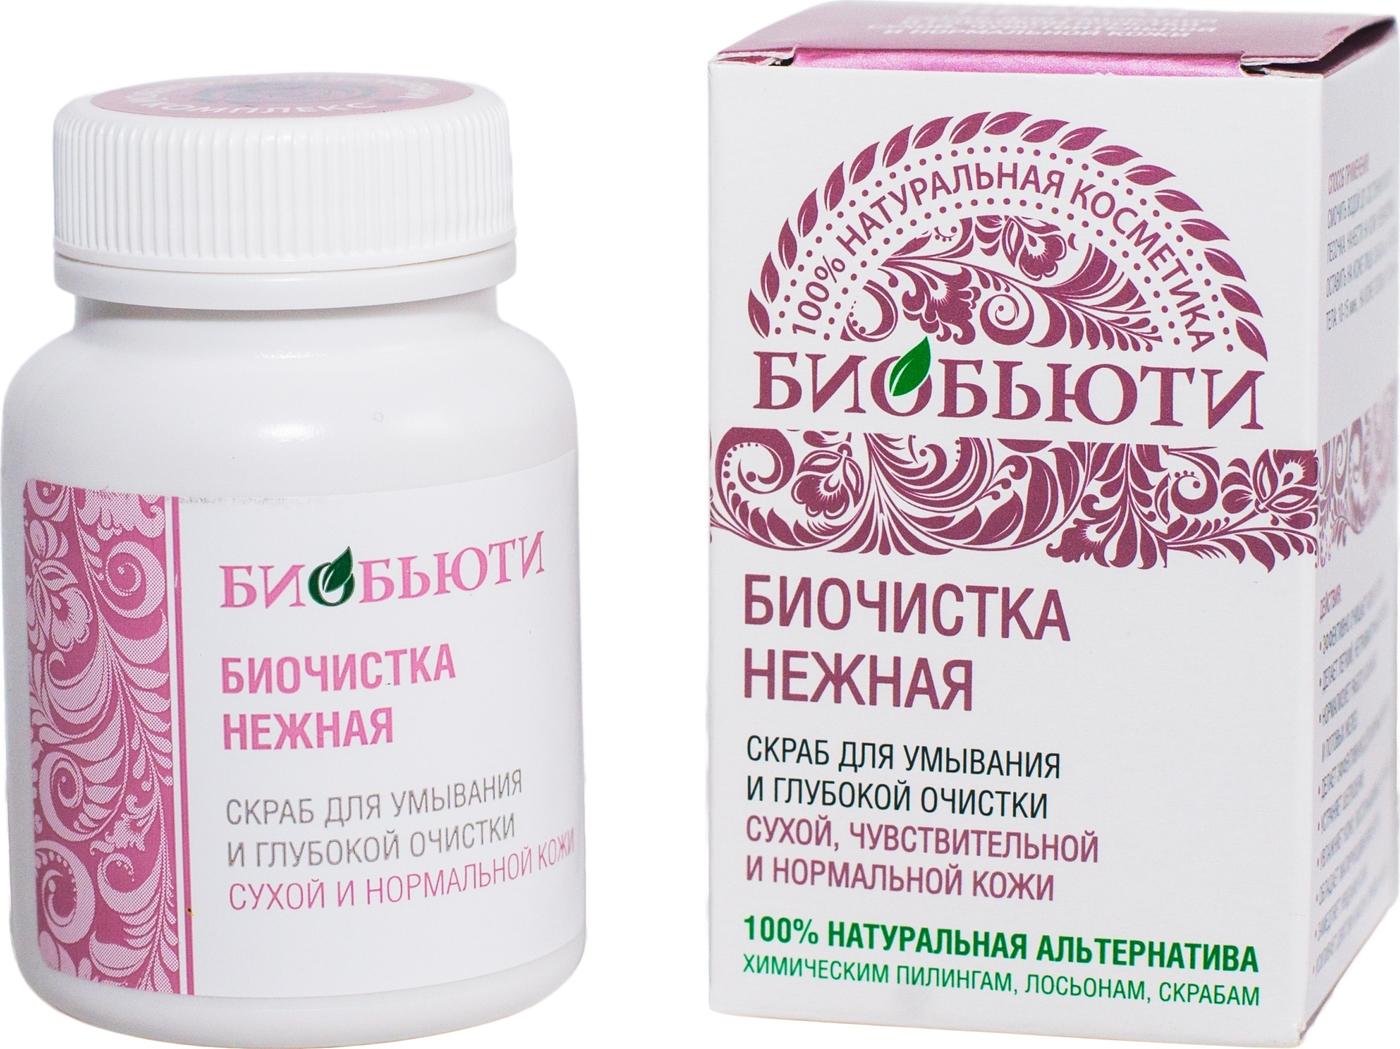 Натуральная косметика биобьюти купить гель для душа экстрим эйвон цена